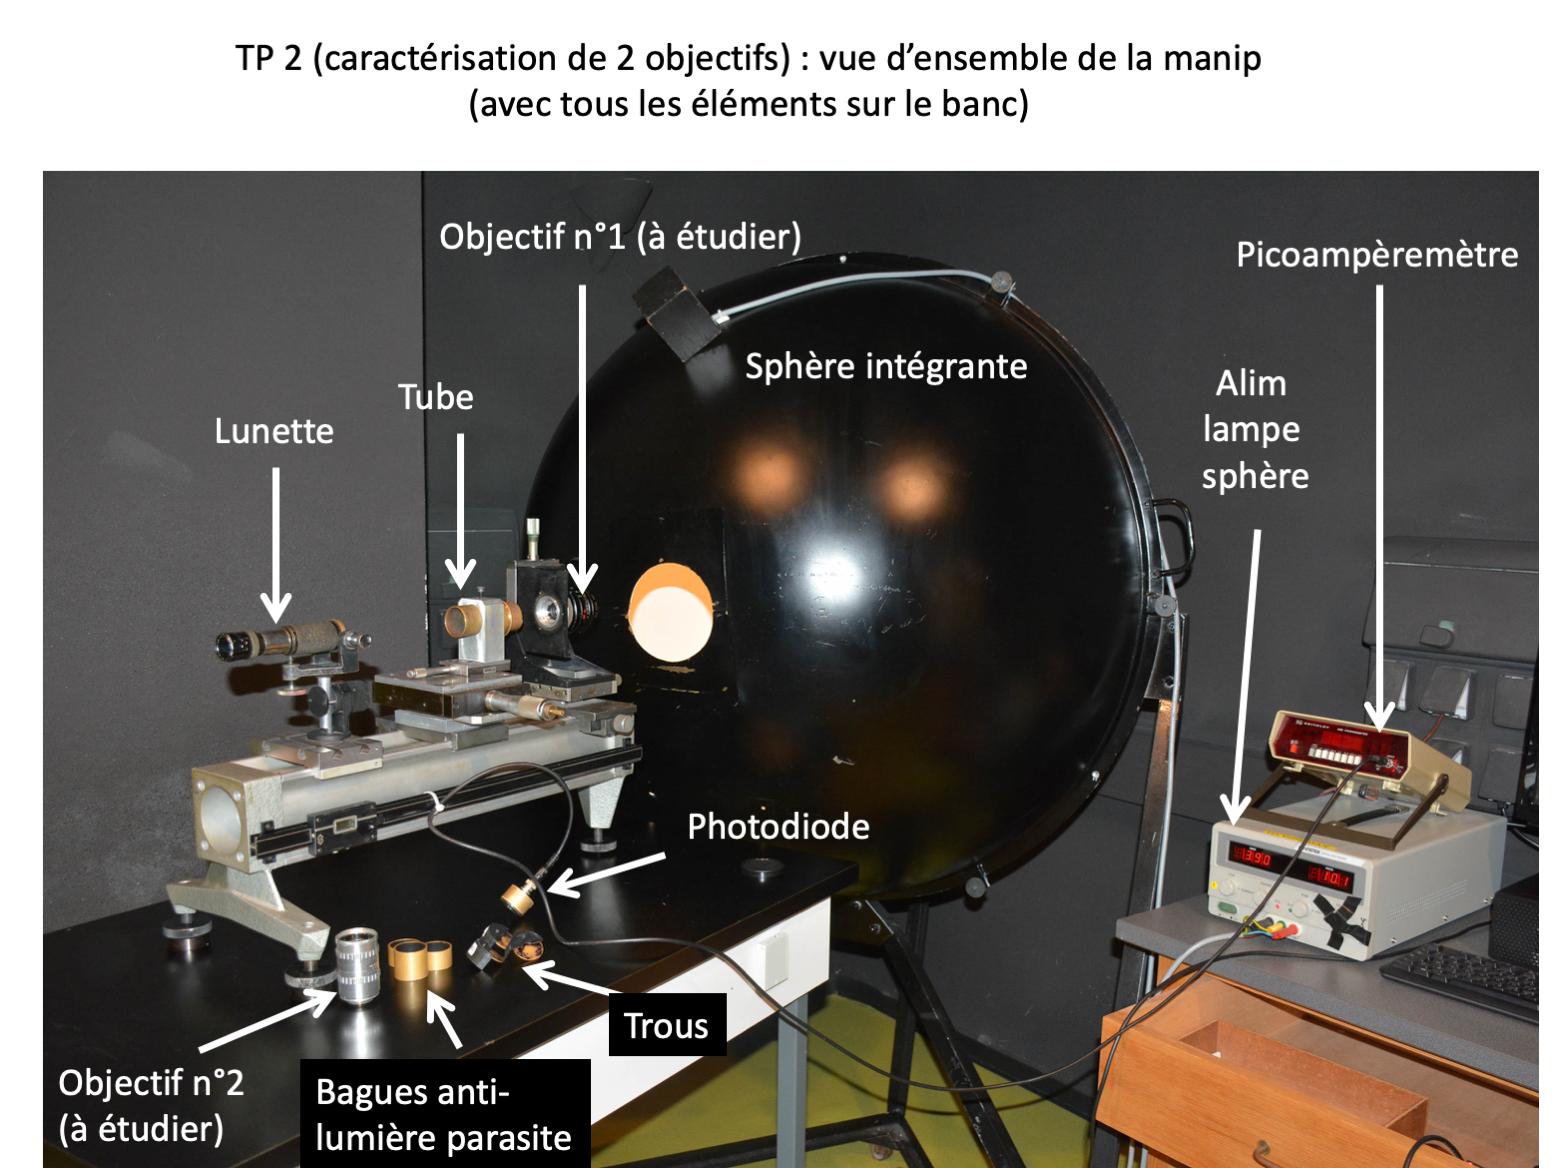 Photométrie – Banc de mesure  des caractéristiques photométriques de systèmes optiques d'imagerie